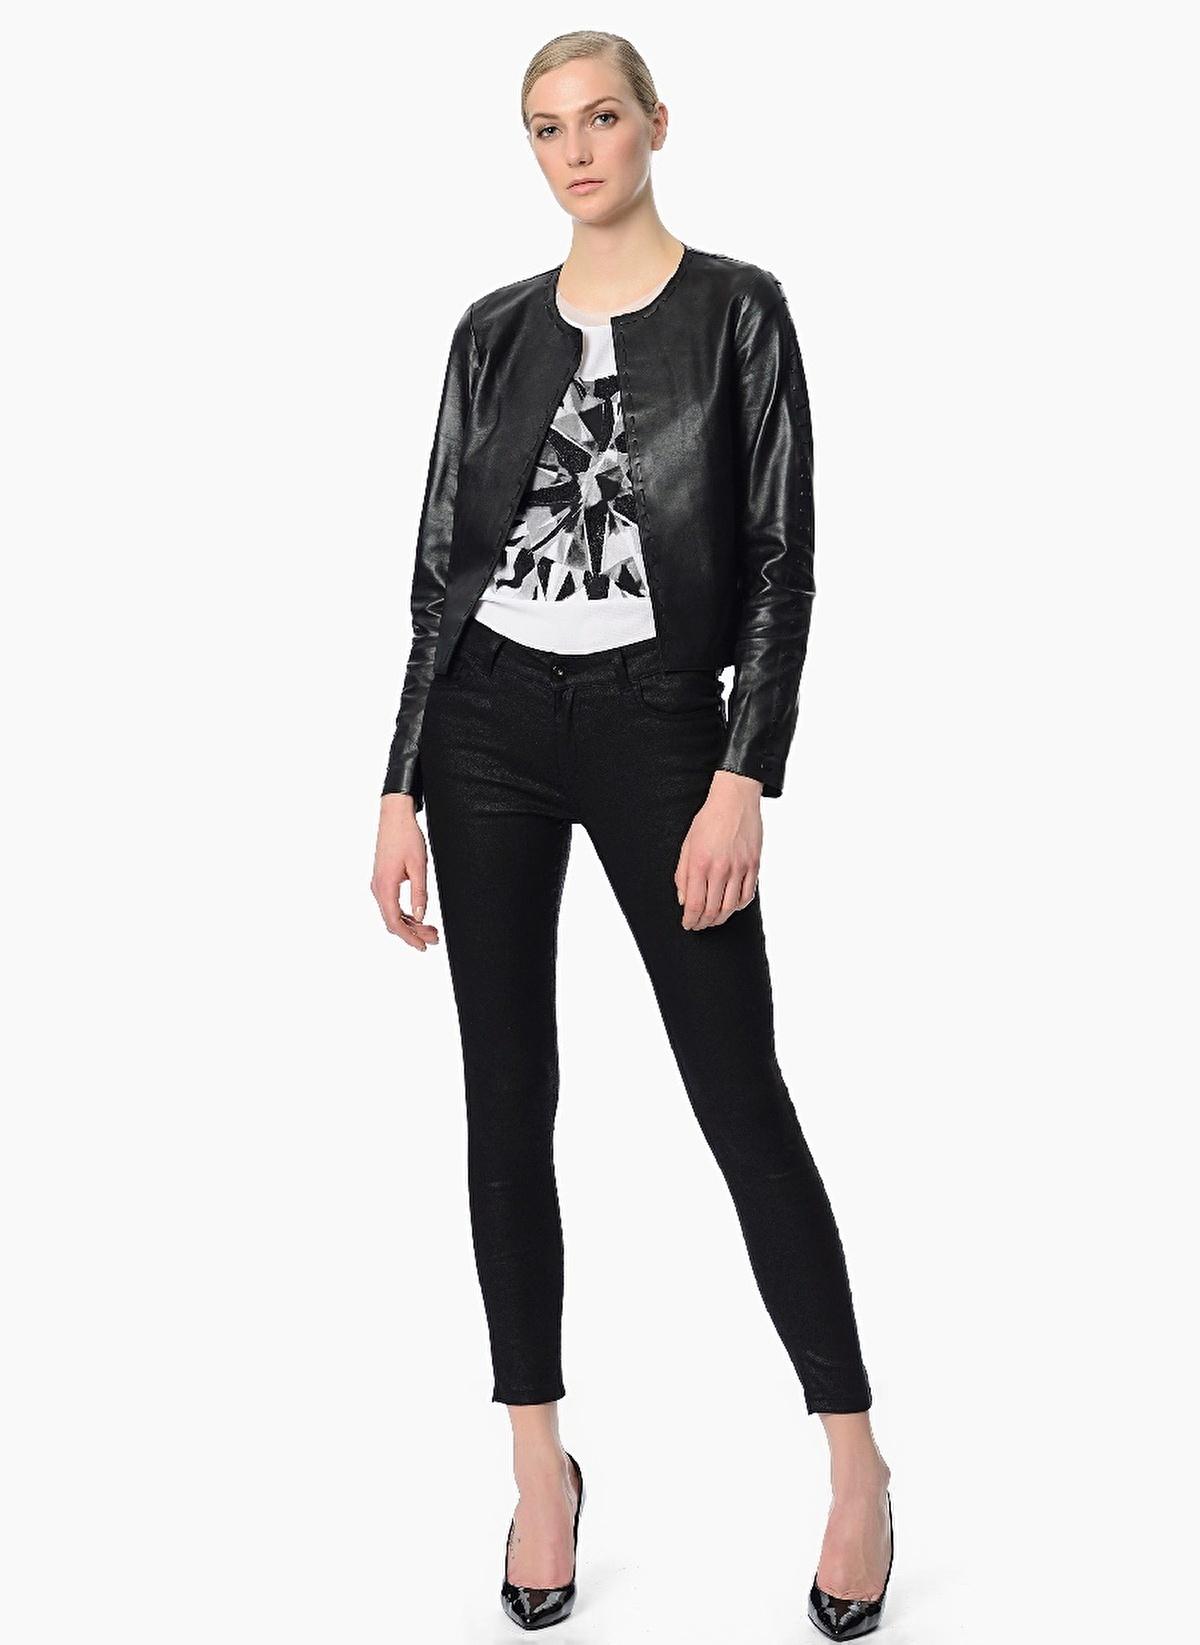 Kadın ceketleri, erkek ceketleri kadar temel parça sayılmasa da pek çok kadın hafif bir deri ceketin rahatlığı ve şıklığından vazgeçemez. Kış aylarında etek-ceket ve pantolon-ceket takımlarda sıkça kullanılan yünlü kumaşlar, yaz aylarında yerini farklı malzemelere bırakır.